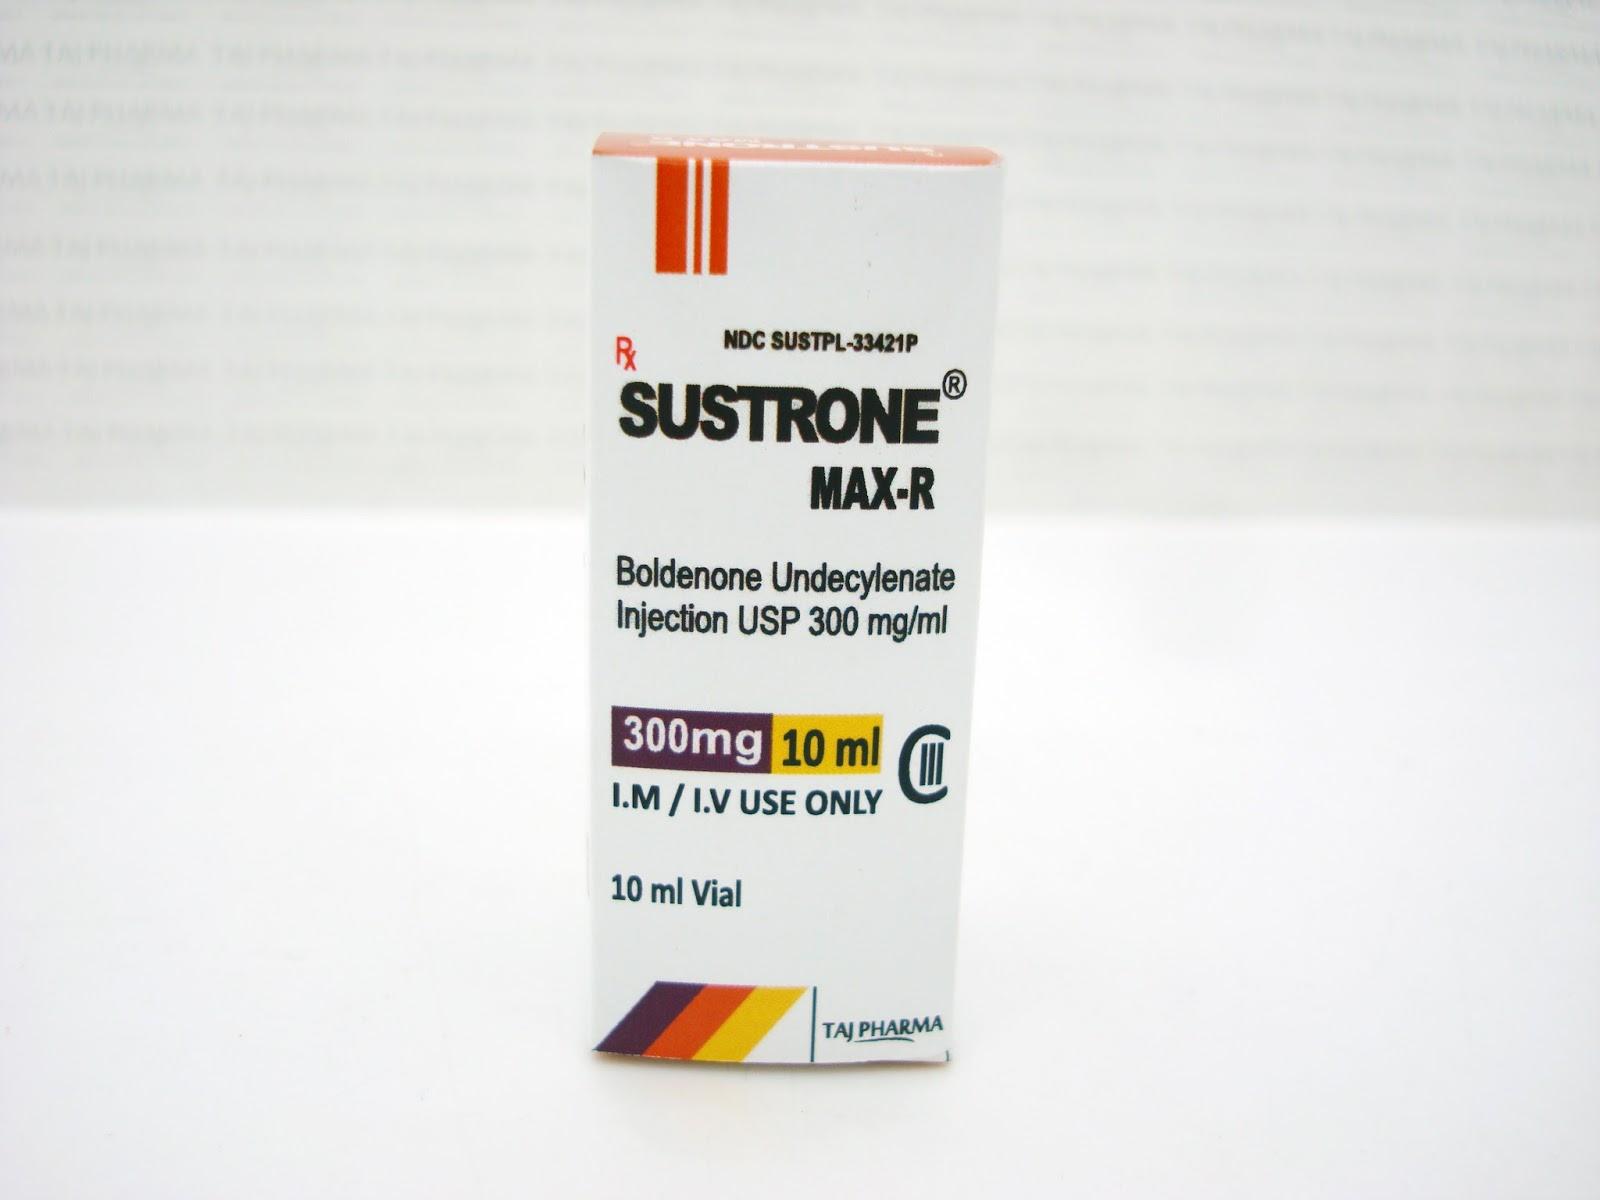 SUSTRONE ® MAX-R (BOLDENONE UNDECYLENATE) / Boldenone Undecylenate